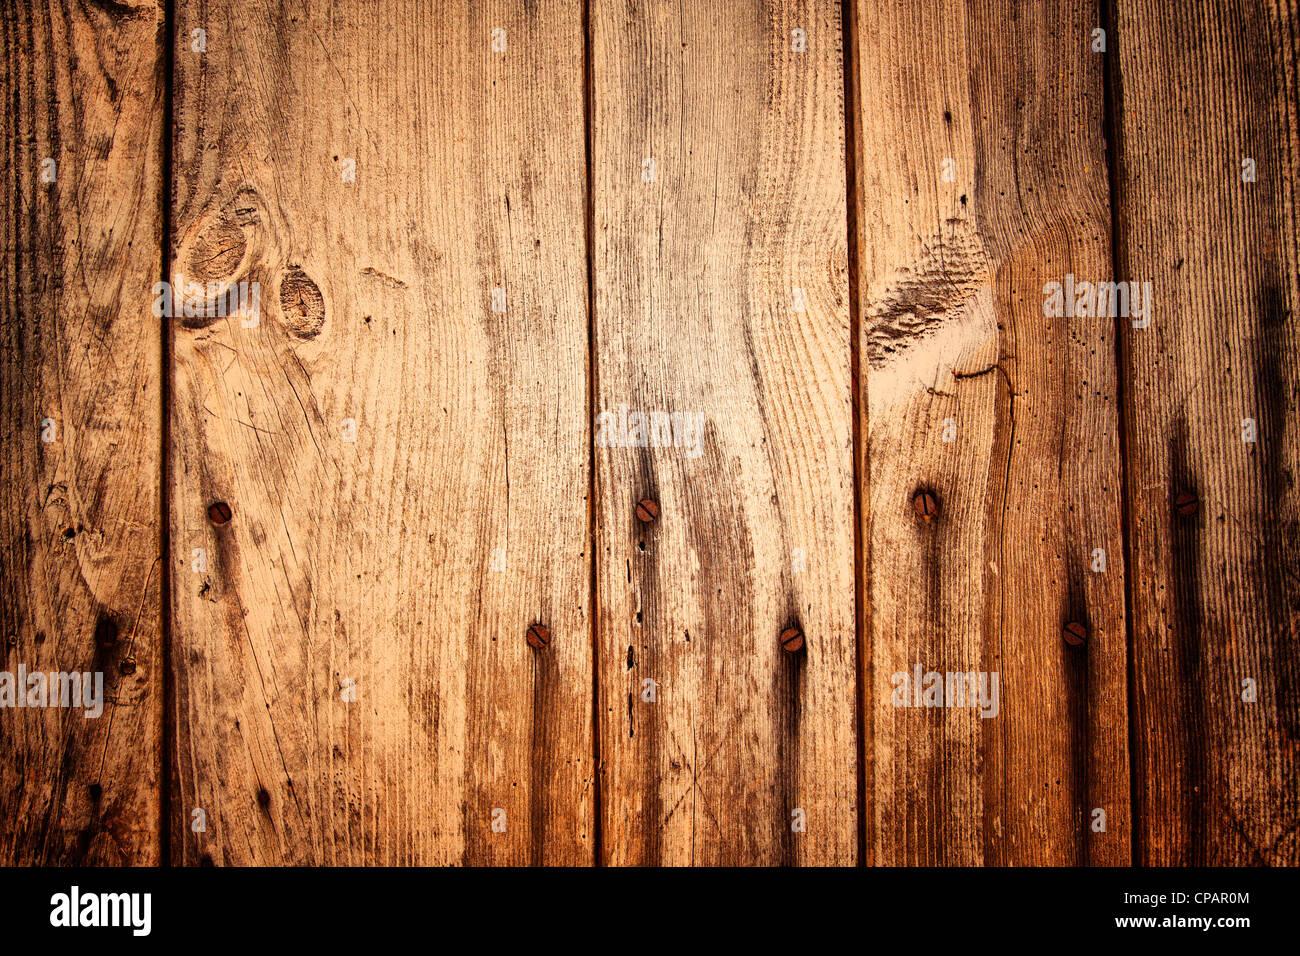 Viejos tablones de madera y clavos Imagen De Stock